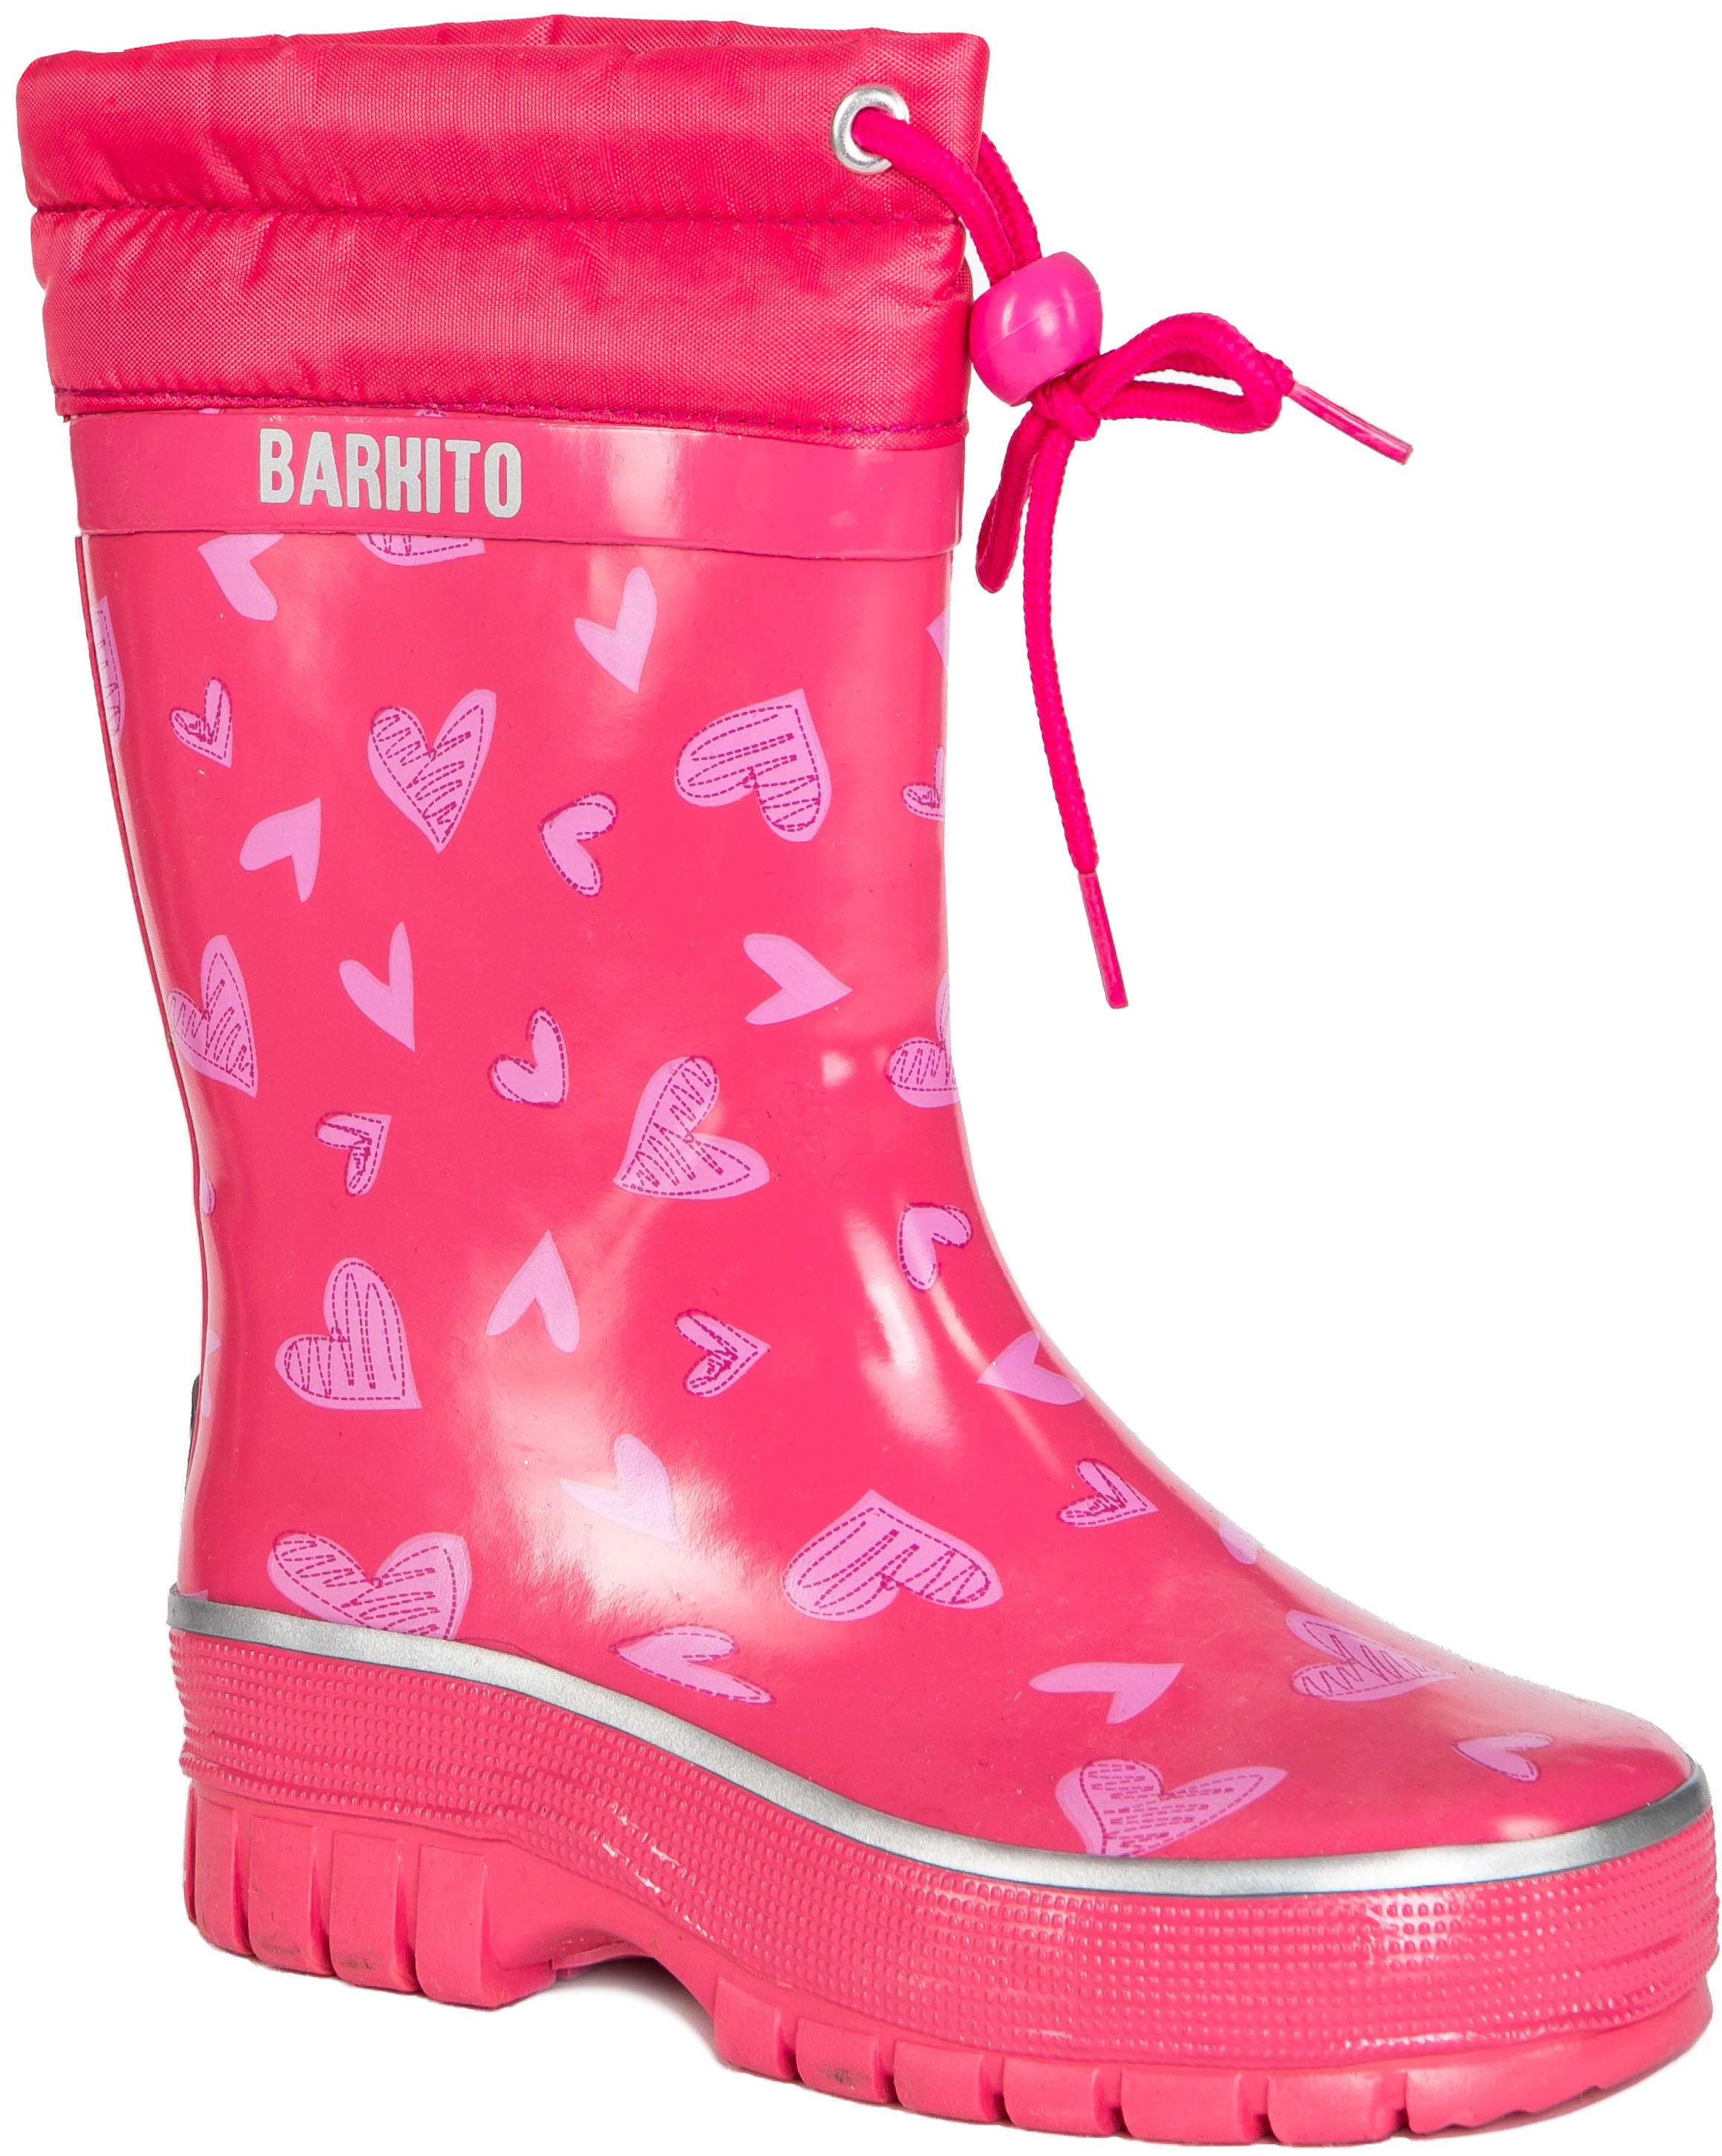 Купить Резиновые сапоги, KRS18205, Barkito, Китай, pink, Женский